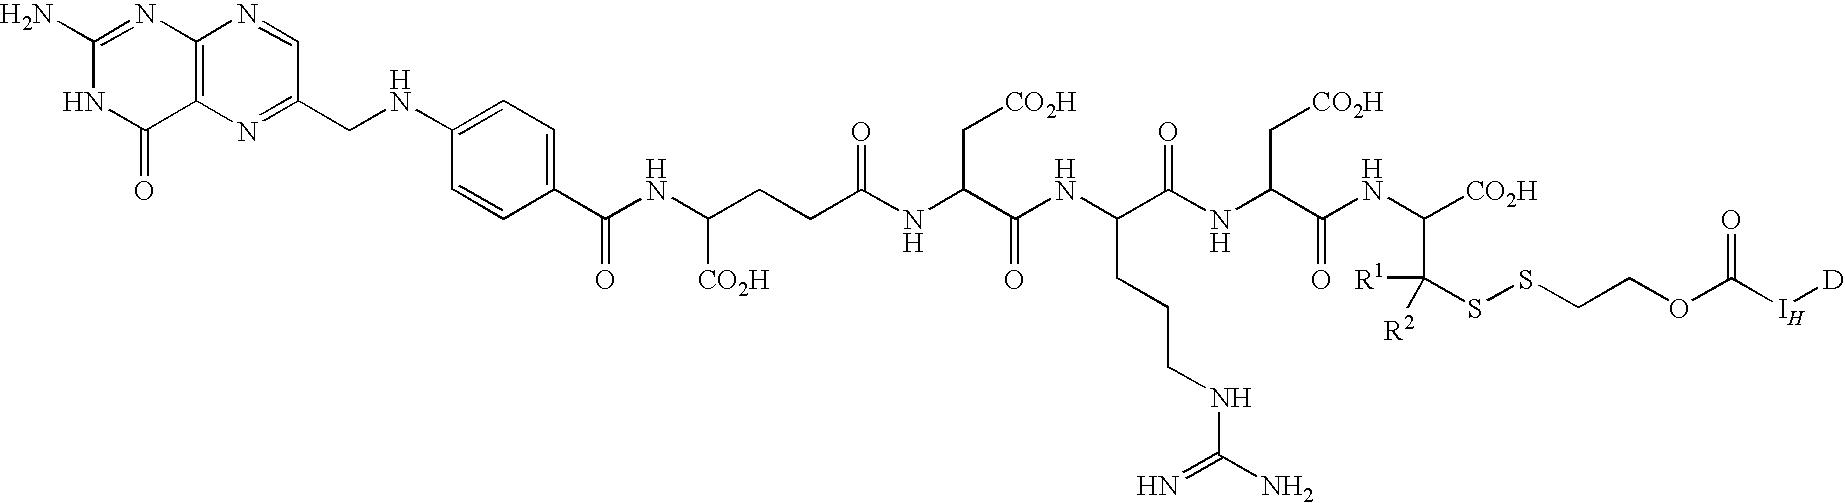 Figure US08288557-20121016-C00046